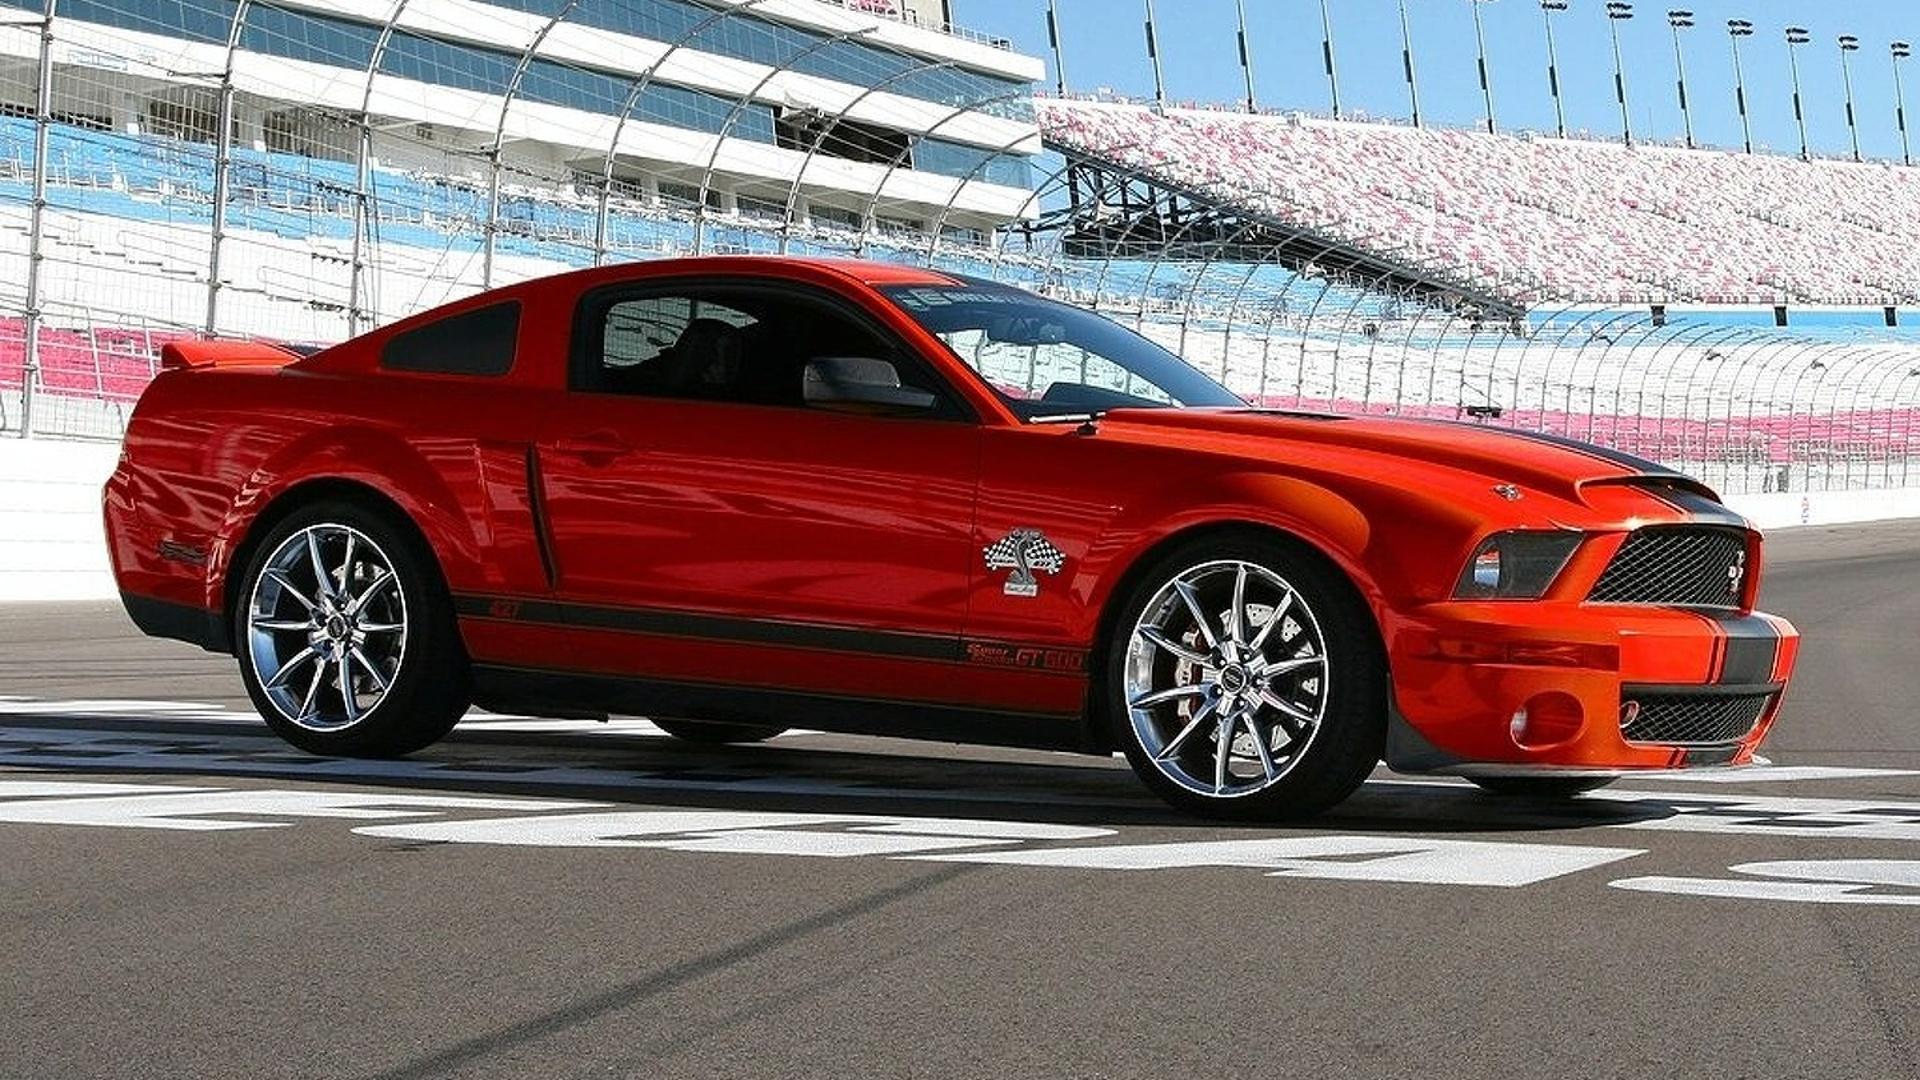 2009 Shelby 427 GT500 Super Snake on eBay for Carroll ...